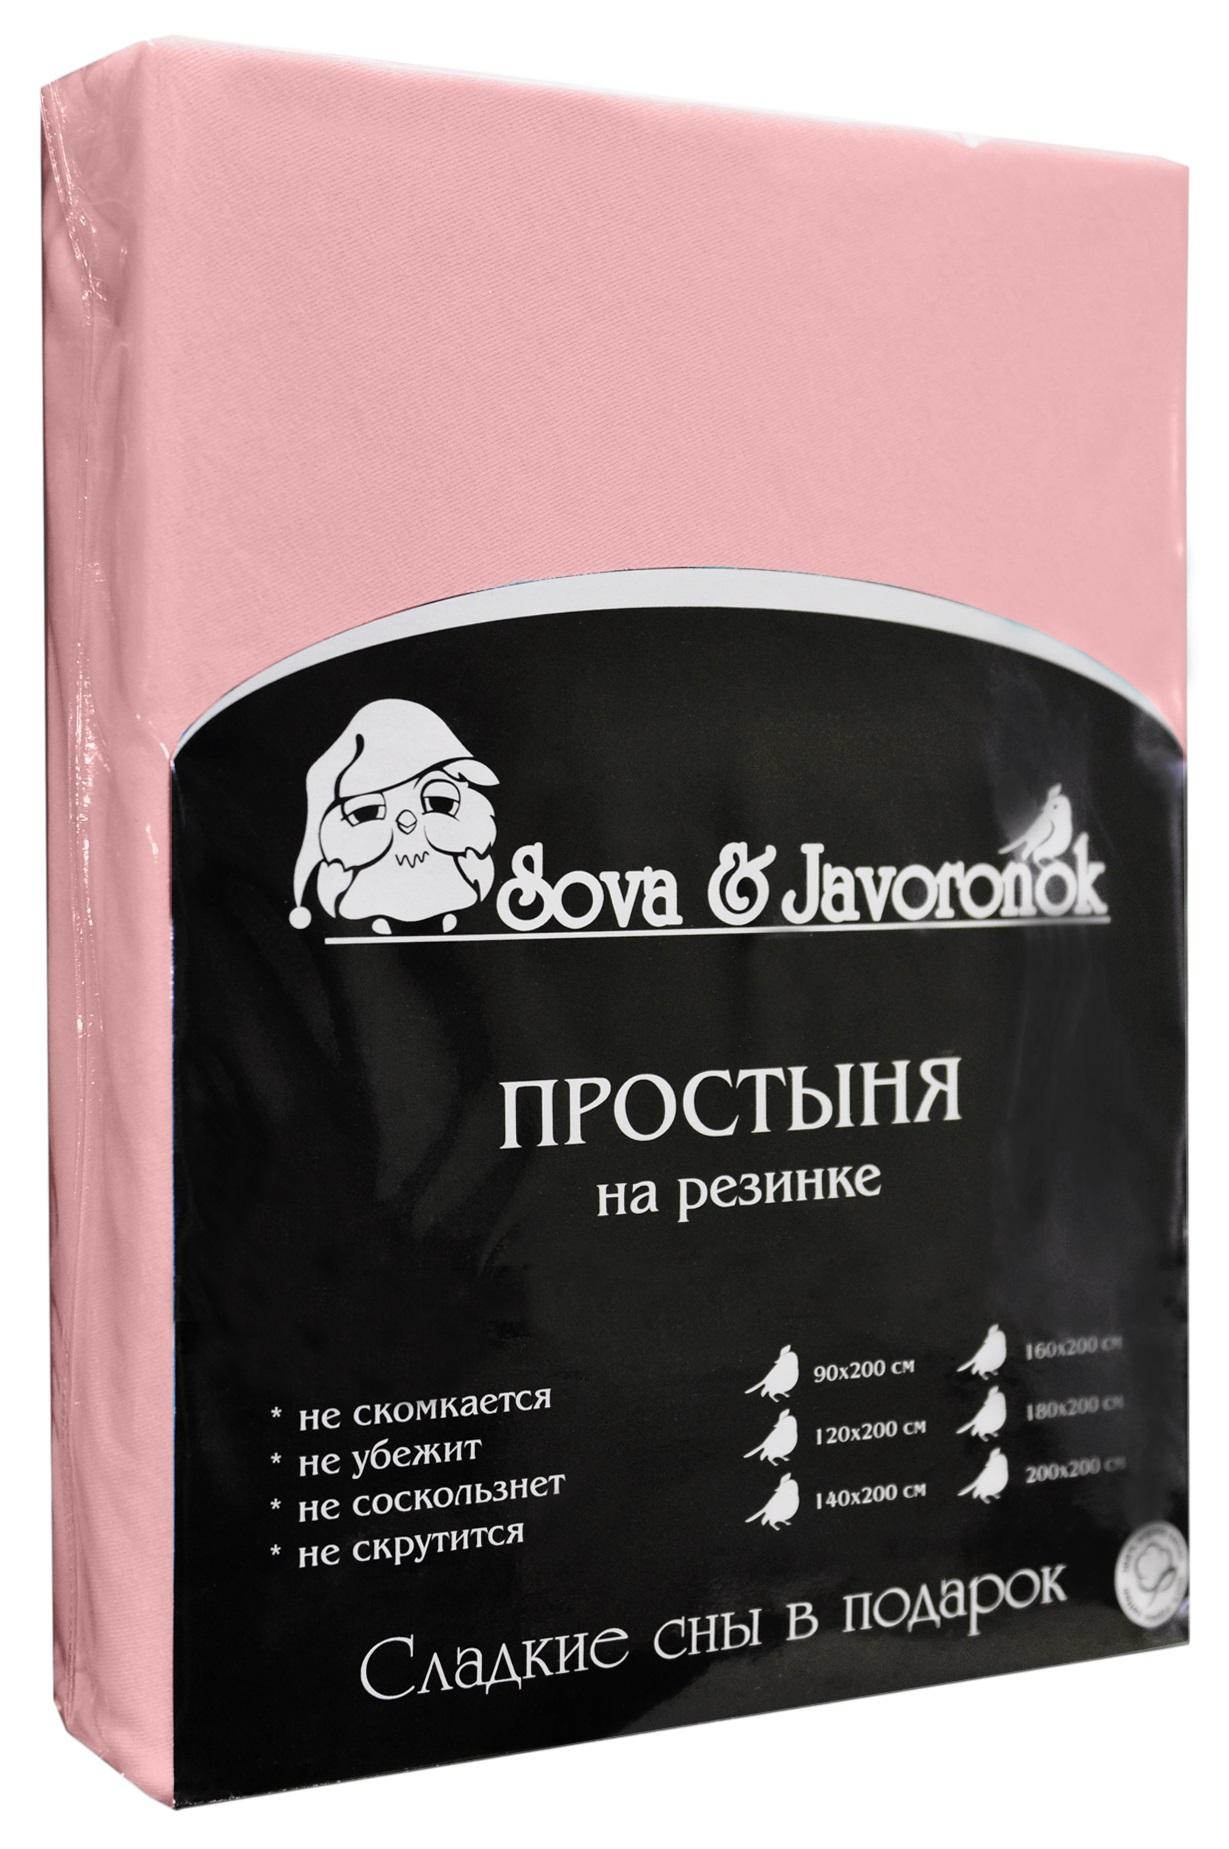 Простыня на резинке Sova & Javoronok, цвет: светло-розовый, 140 х 200 см17102022Простыня на резинке Sova & Javoronok, изготовленная из трикотажной ткани (100% хлопок), будет превосходно смотреться с любыми комплектами белья. Хлопчатобумажный трикотаж по праву считается одним из самых качественных, прочных и при этом приятных на ощупь. Его гигиеничность позволяет использовать простыню и в детских комнатах, к тому же 100%-ый хлопок в составе ткани не вызовет аллергии. У трикотажного полотна очень интересная структура, немного рыхлая за счет отсутствия плотного переплетения нитей и наличия особых петель, благодаря этому простыня Сова и Жаворонок отлично пропускает воздух и способствует его постоянной циркуляции. Поэтому ваша постель будет всегда оставаться свежей. Но главное и, пожалуй, самое известное свойство трикотажа - это его великолепная растяжимость, поэтому эта ткань и была выбрана для натяжной простыни на резинке.Простыня прошита резинкой по всему периметру, что обеспечивает более комфортный отдых, так как она прочно удерживается на матрасе и избавляет от необходимости часто поправлять простыню.